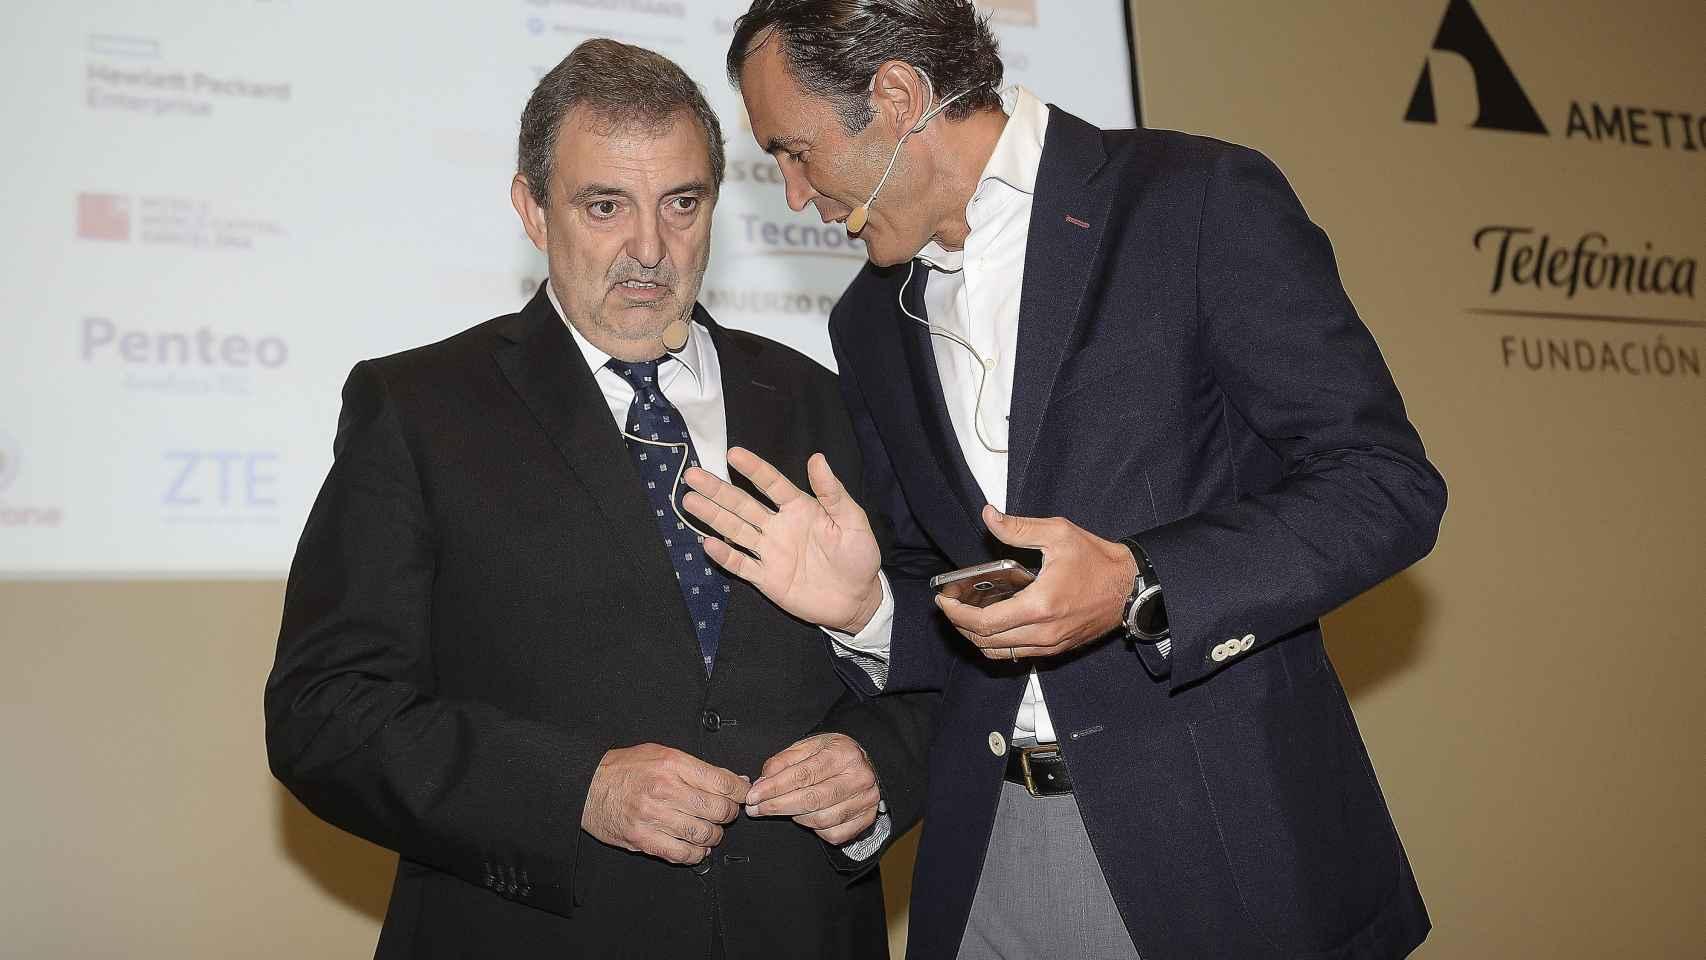 Gilpérez antes de su discurso en el XXX Encuentro de Telecomunicaciones.